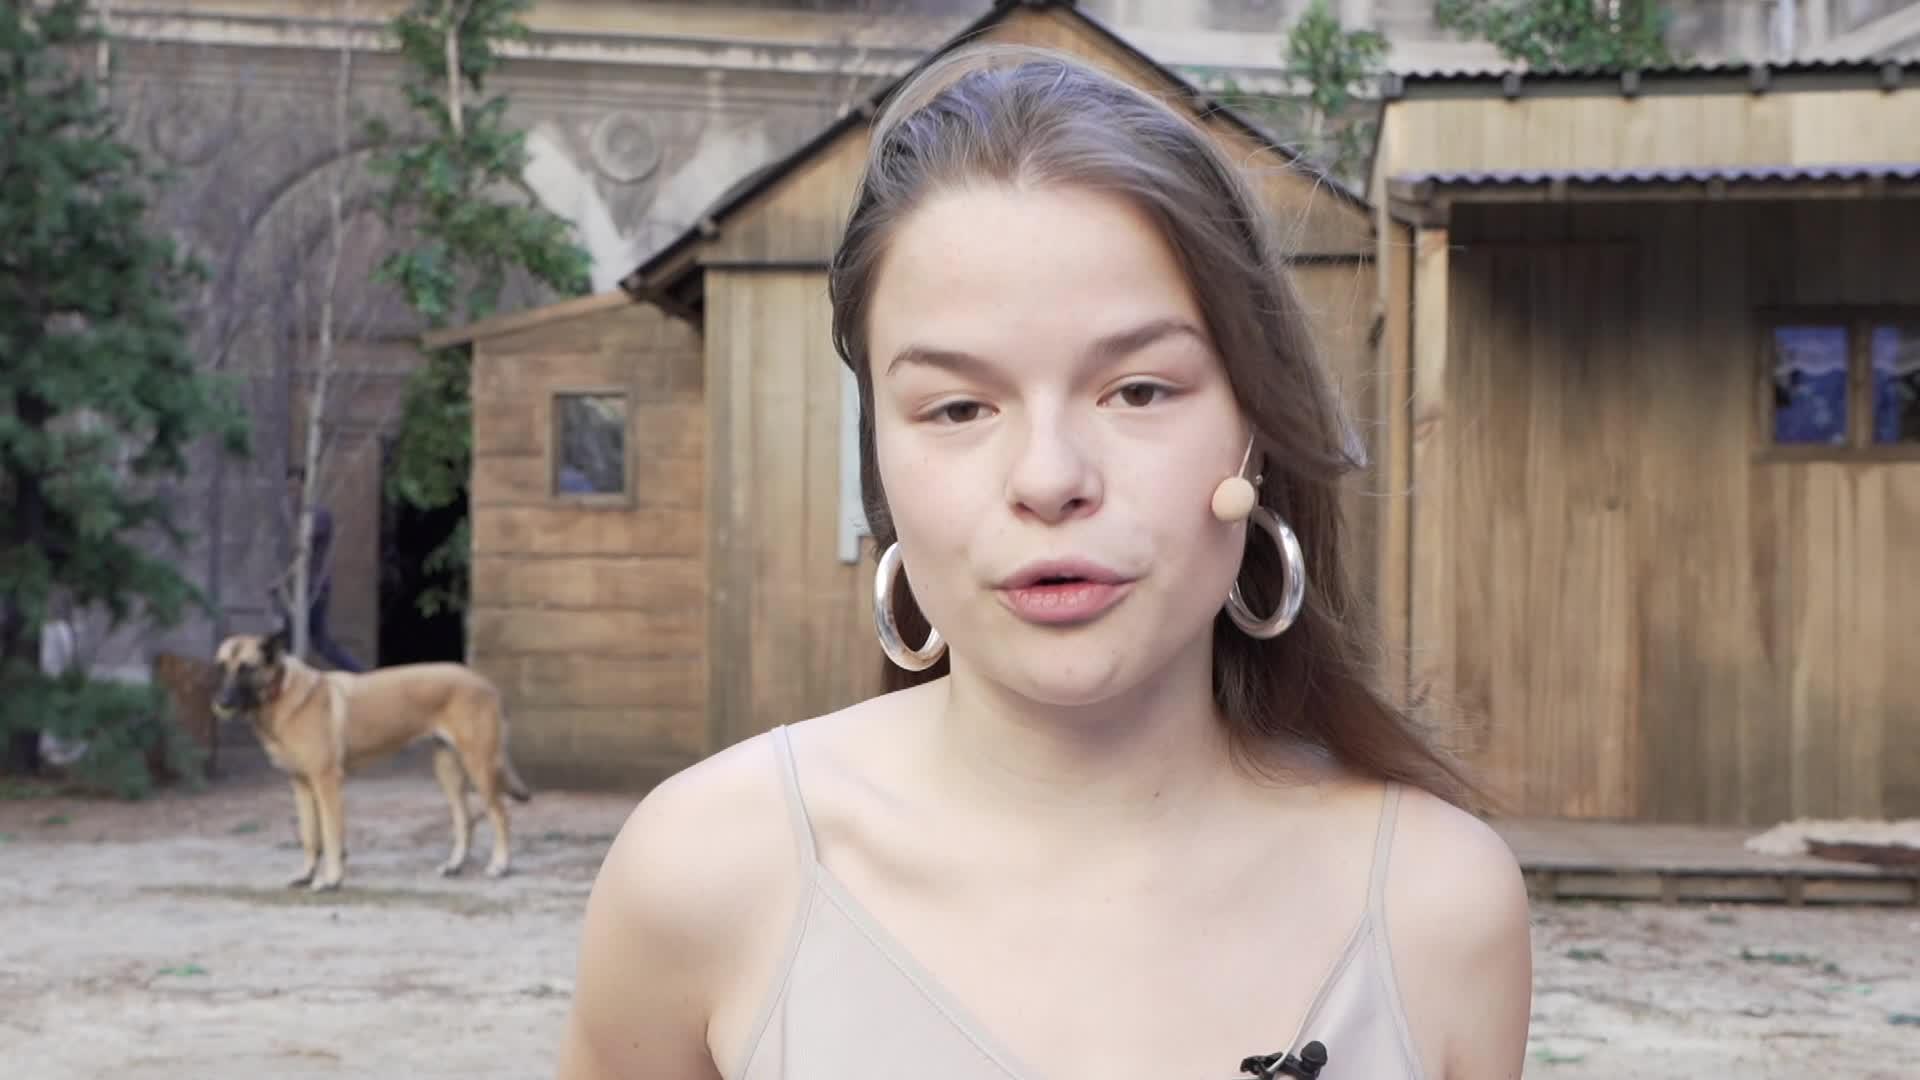 Vidéo Jeunes reporters culture - Captive